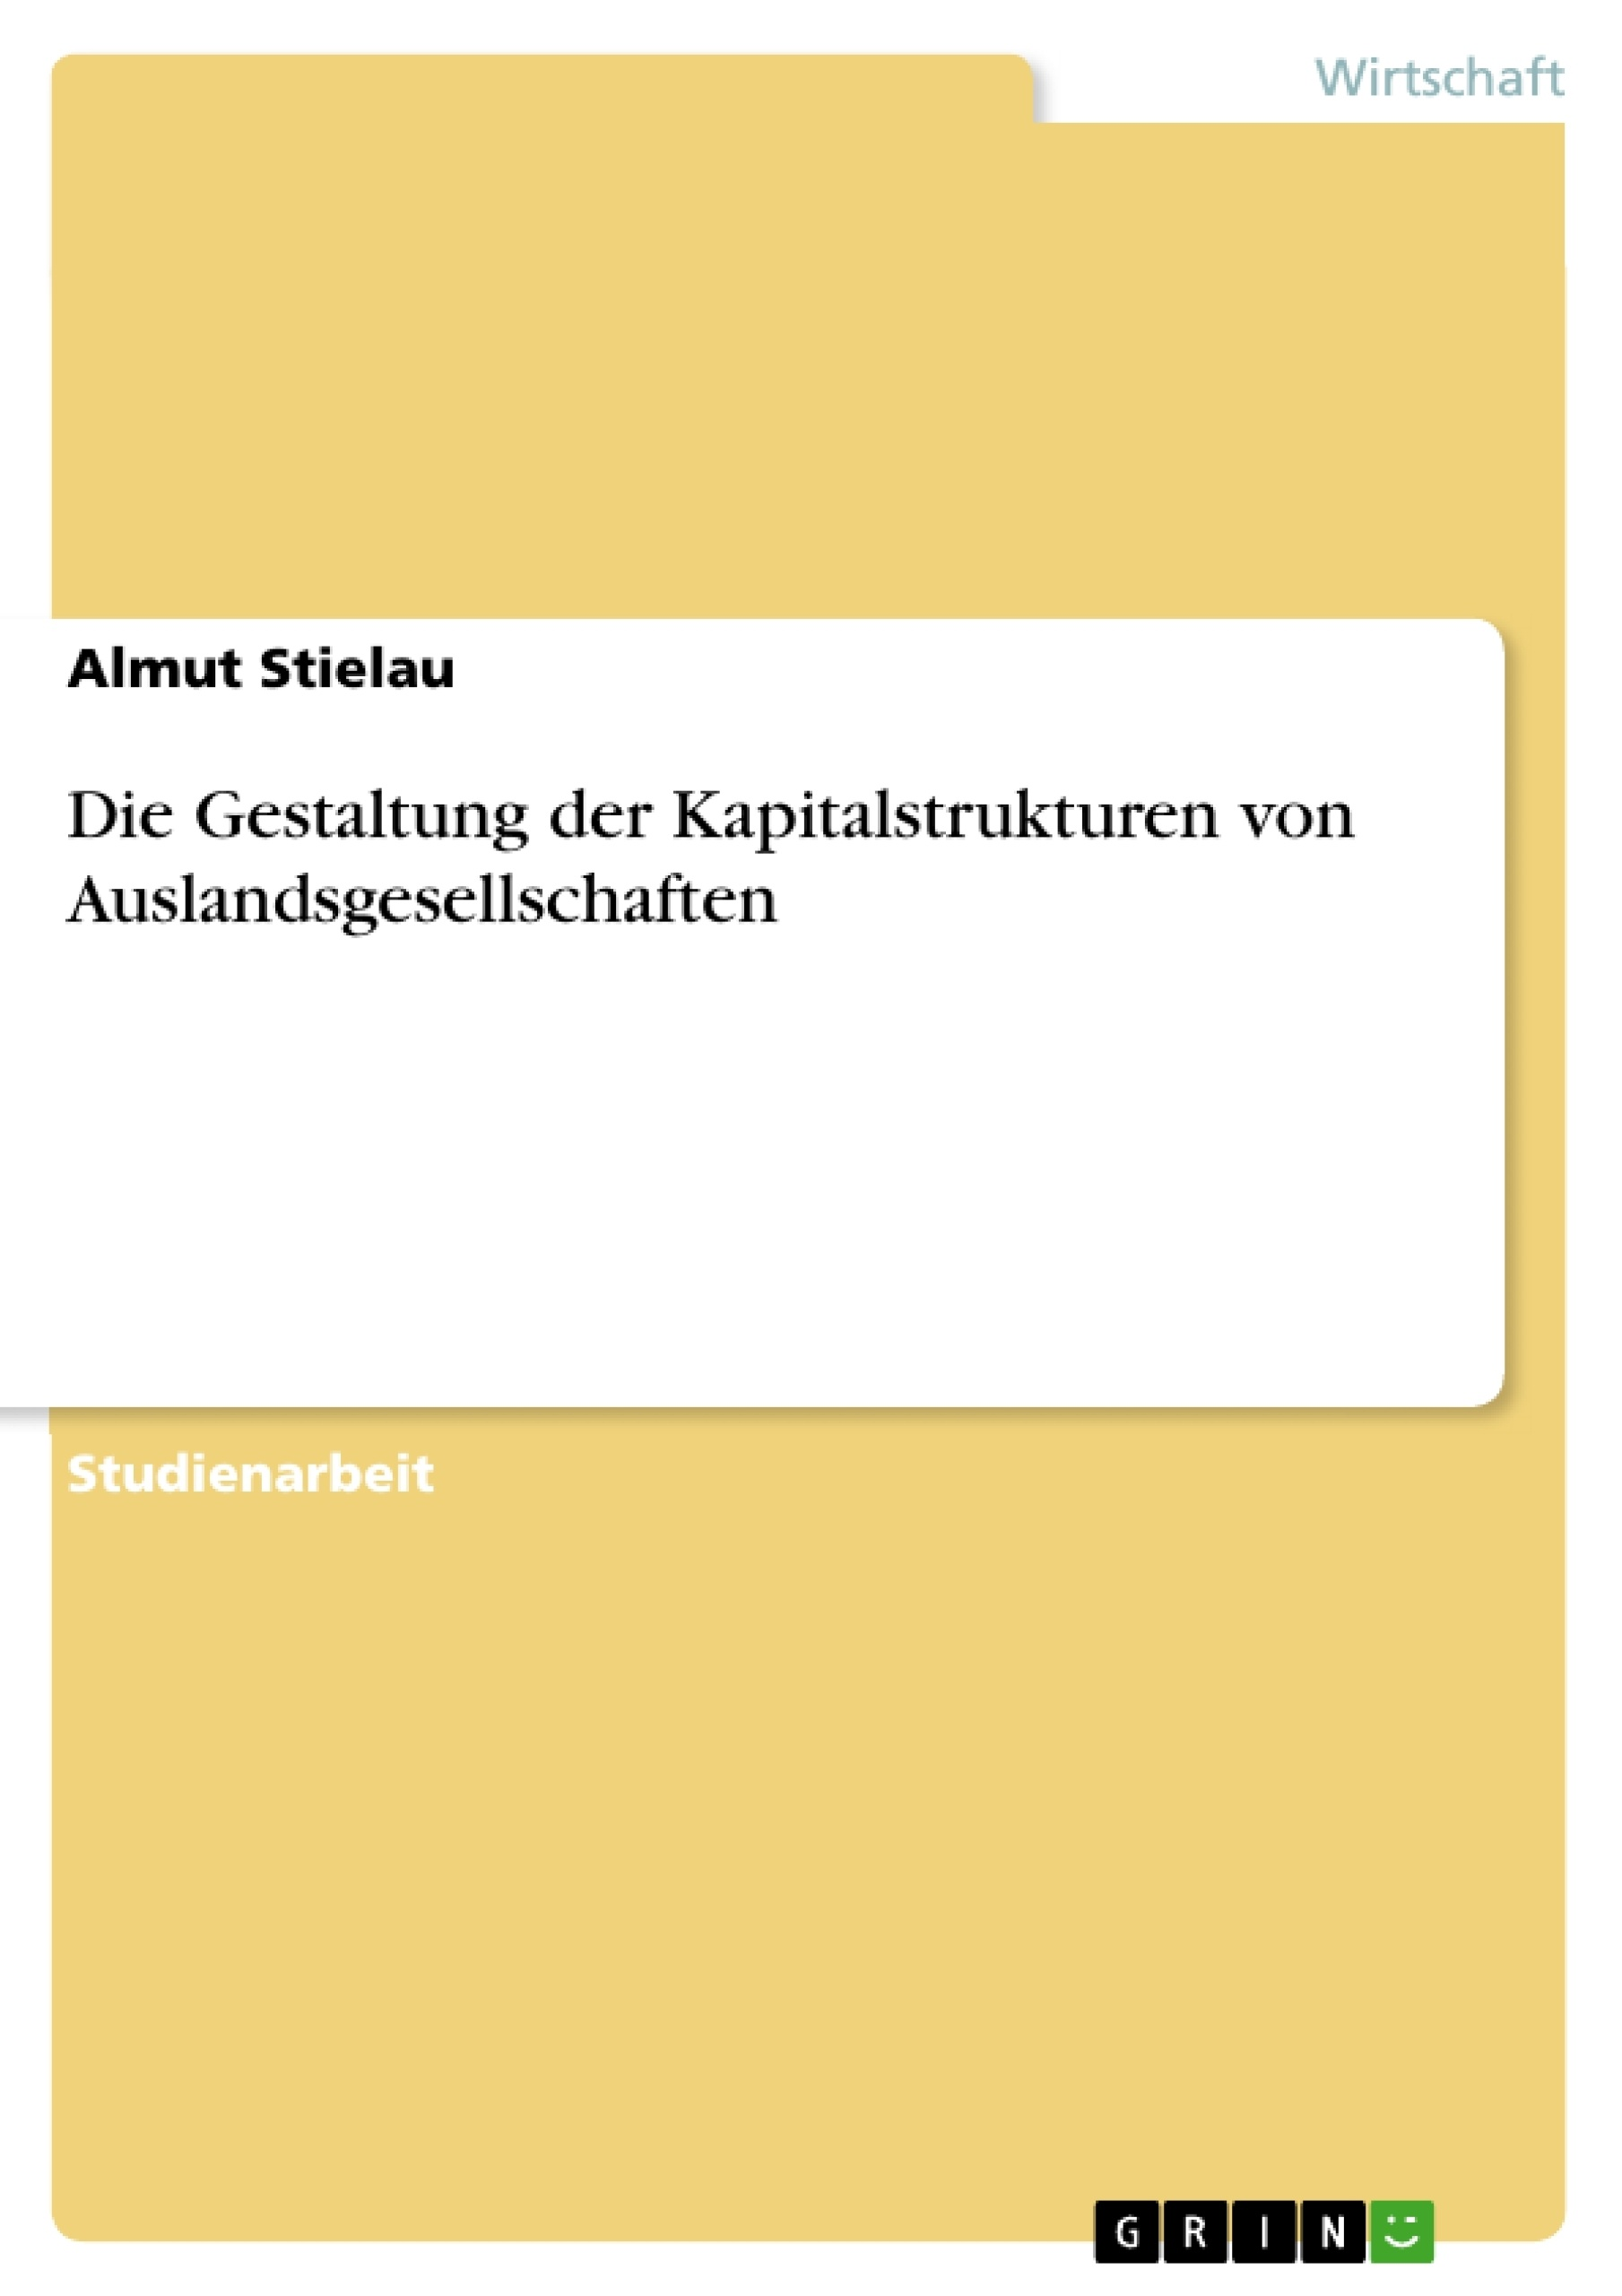 Titel: Die Gestaltung der Kapitalstrukturen von Auslandsgesellschaften